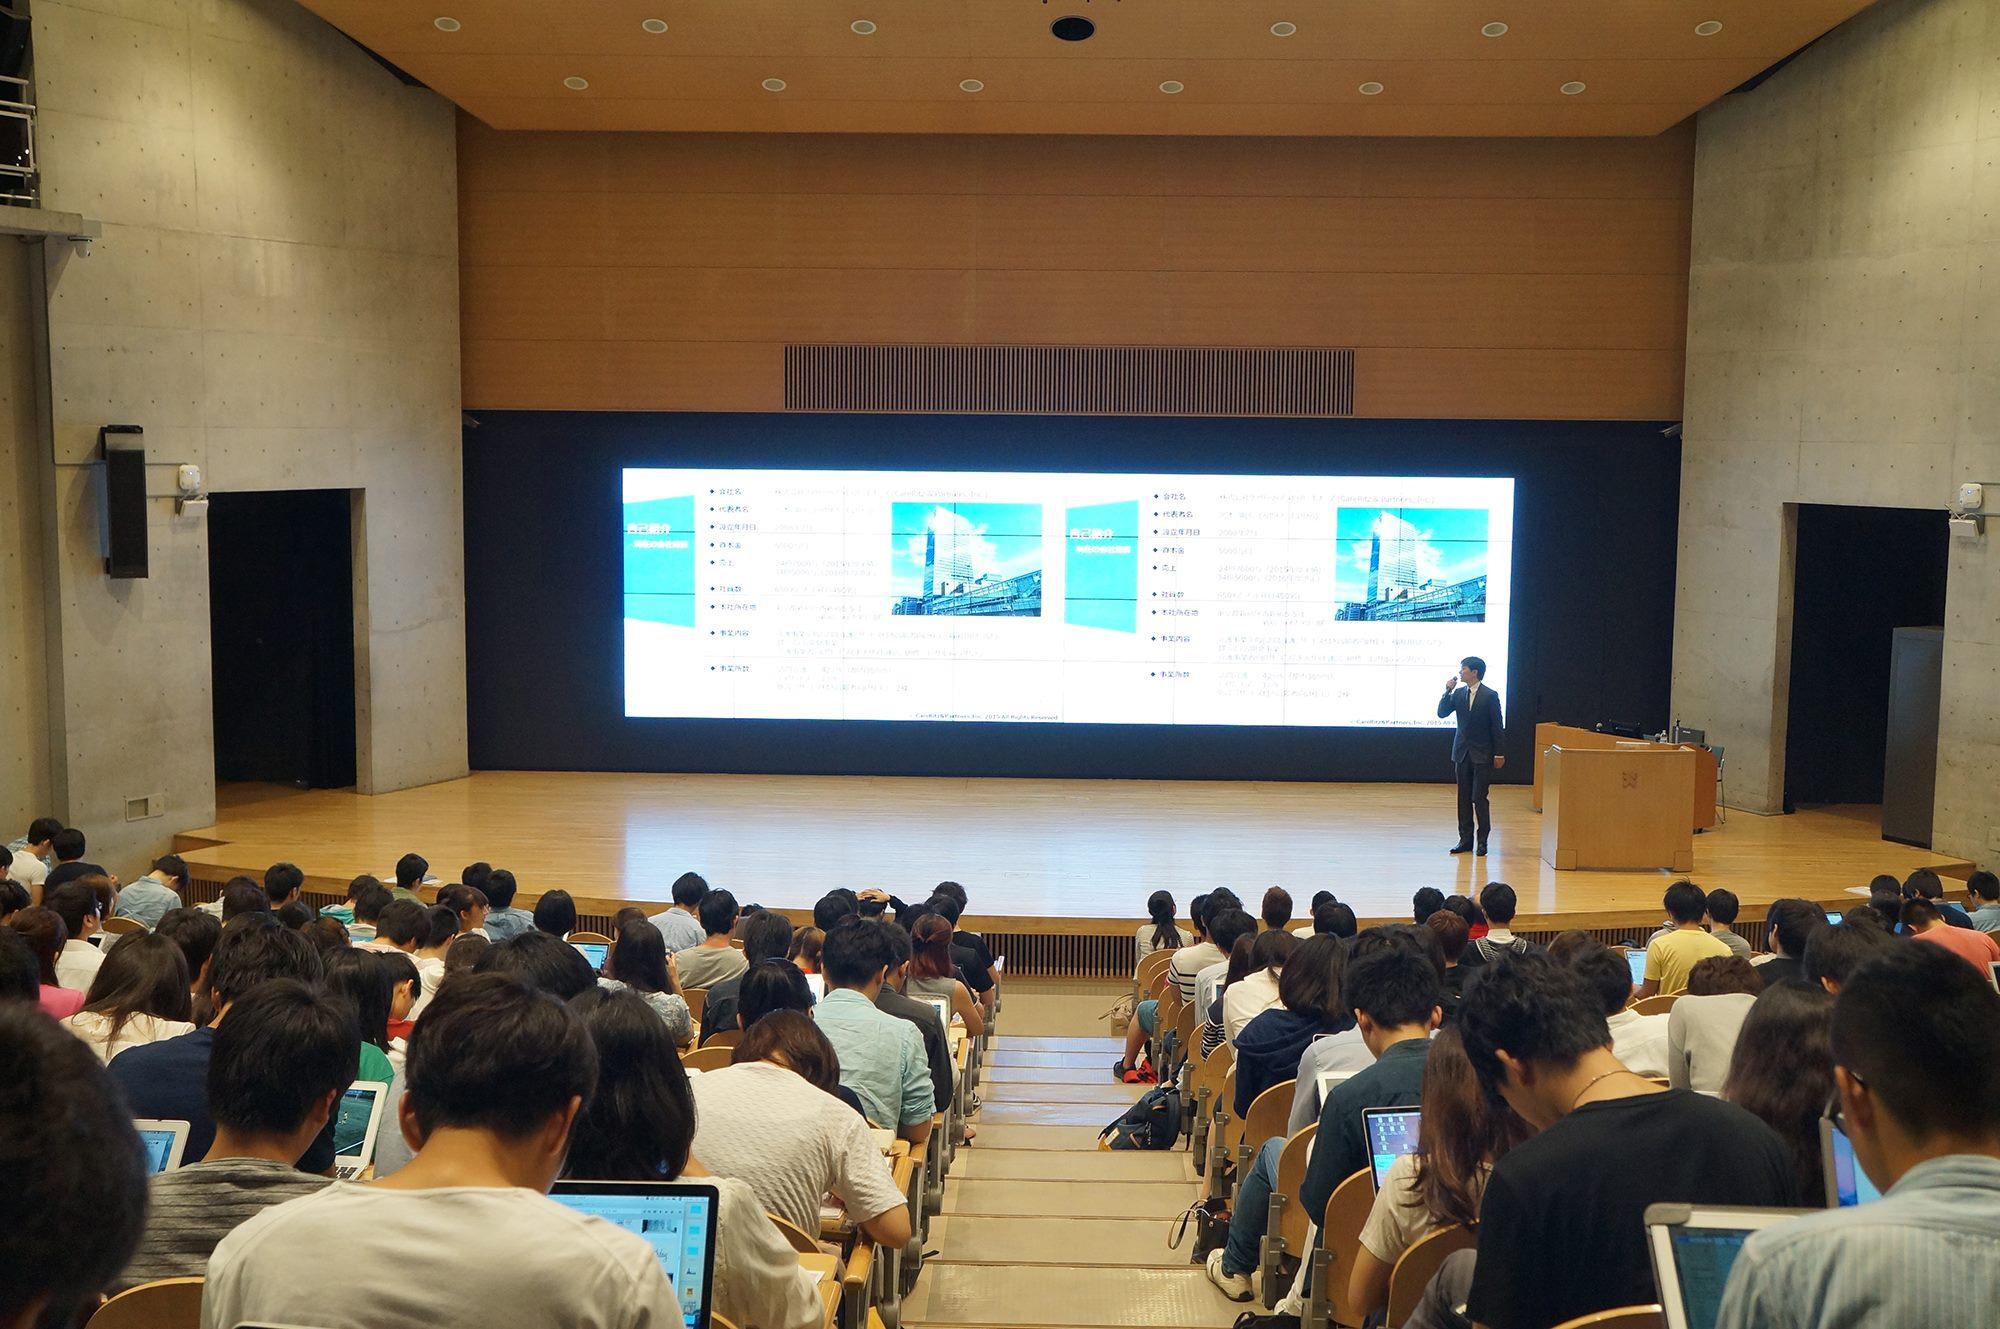 代表宮本が慶応義塾大学SFCにて現代社会と技術の講義にゲストスピーカーとして登壇しました。